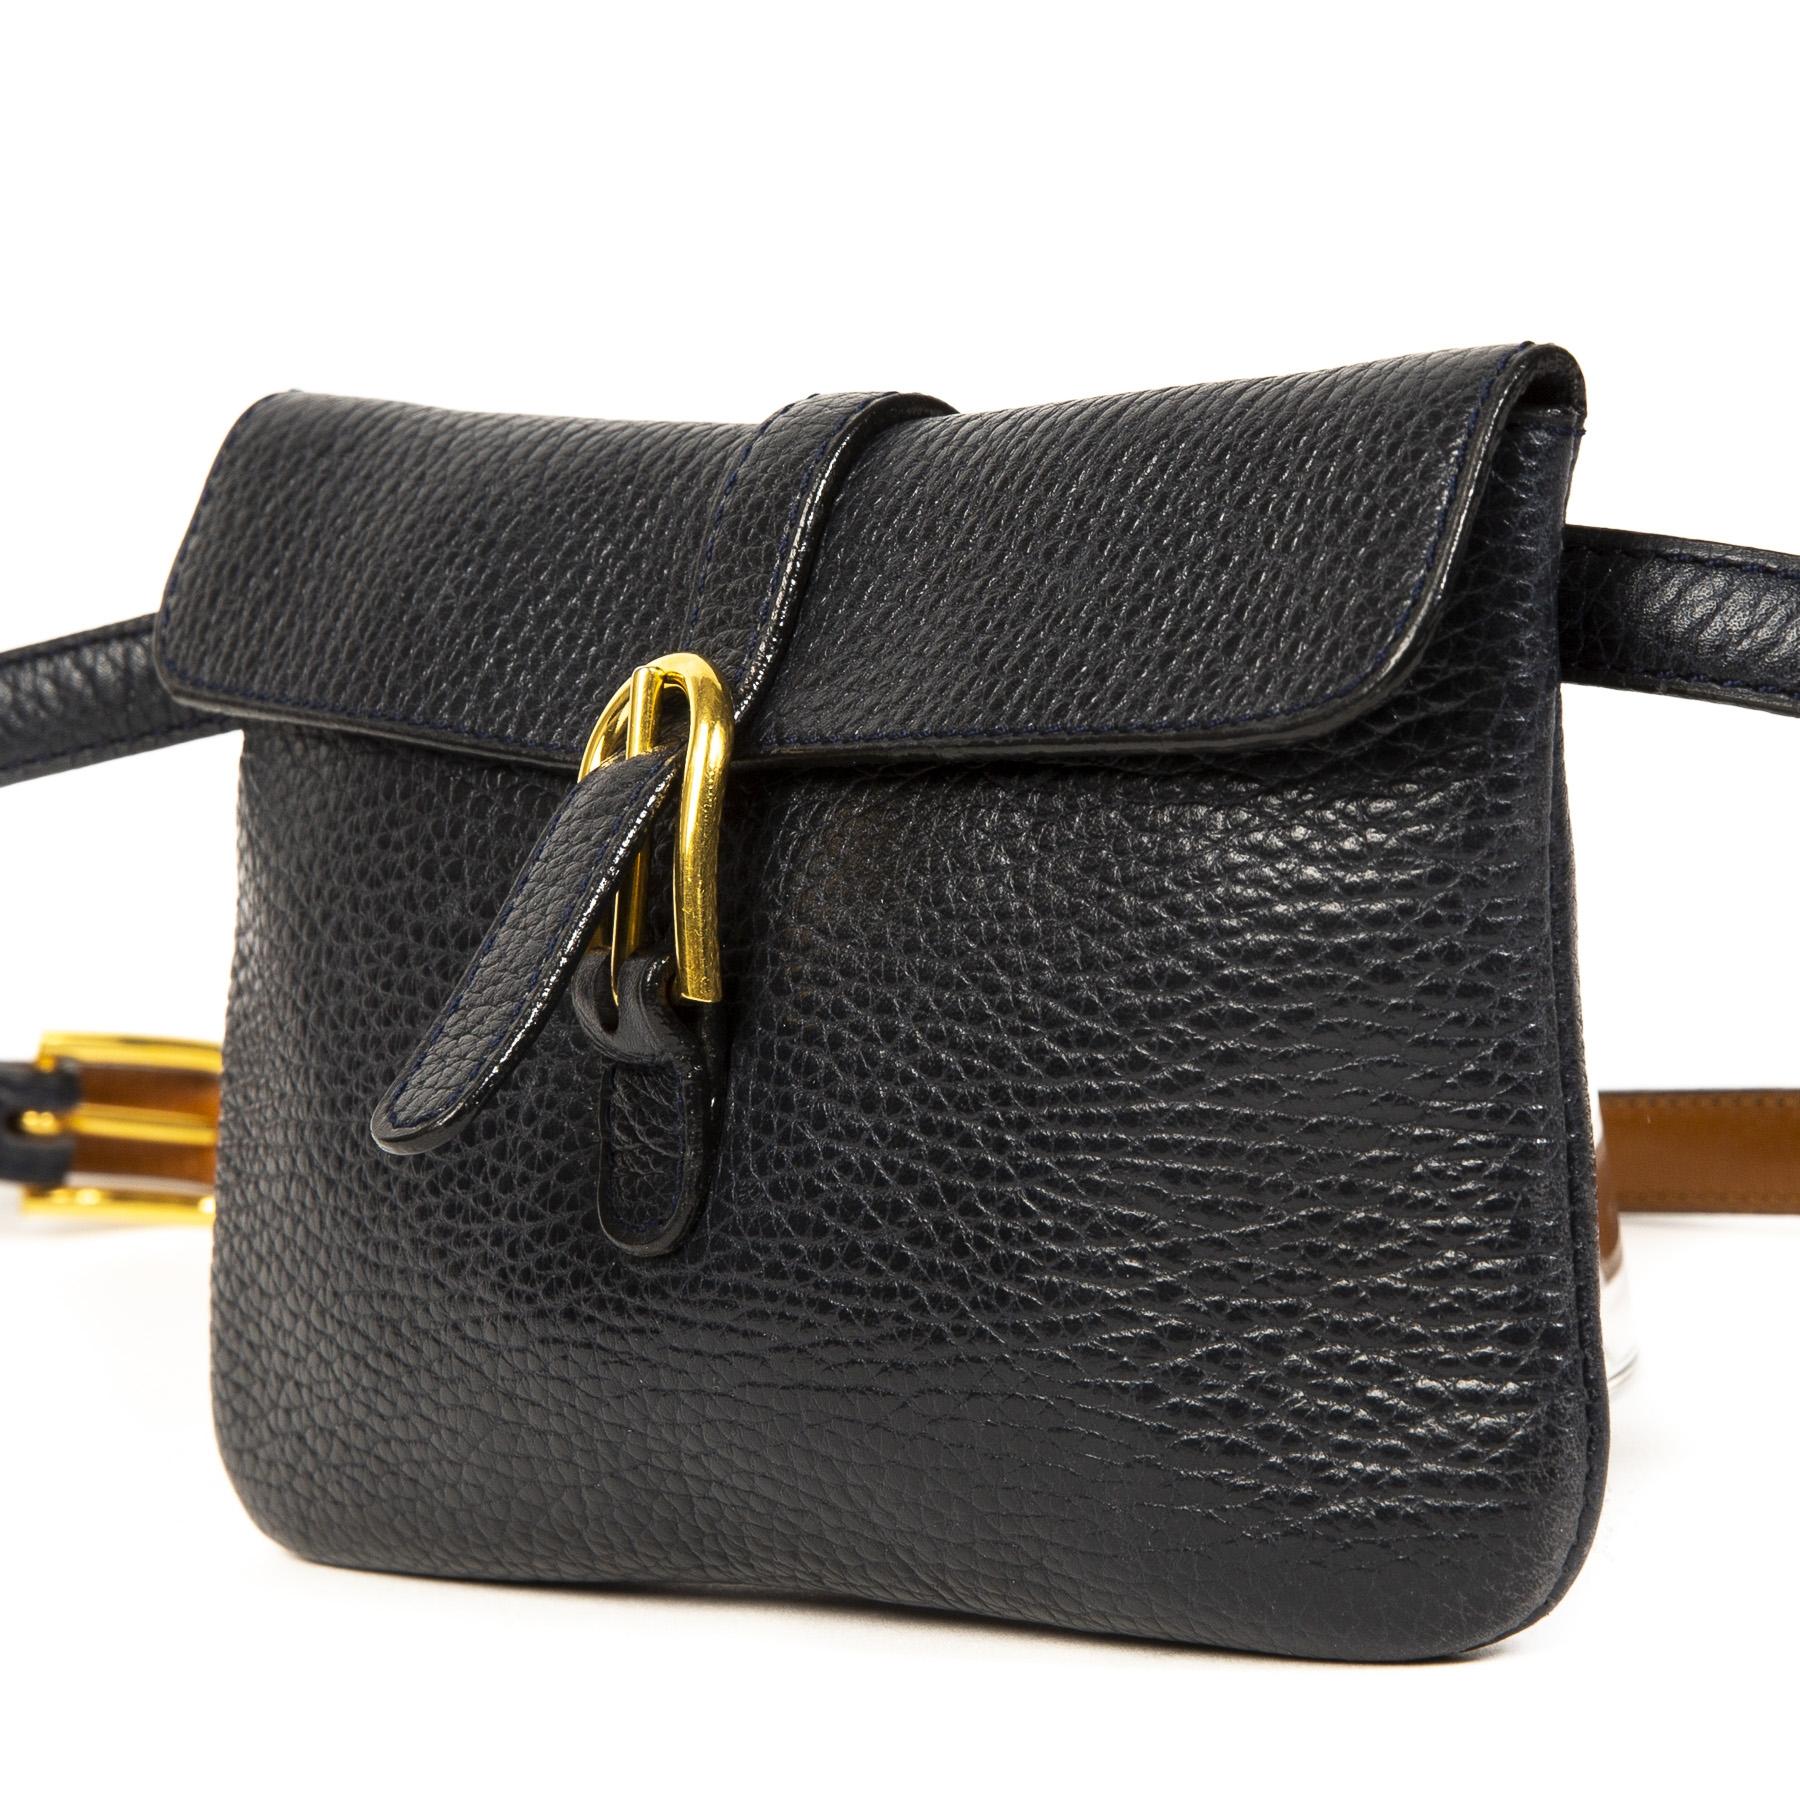 Authentieke Tweedehands Delvaux Blue Belt Bag juiste prijs veilig online shoppen luxe merken webshop winkelen Antwerpen België mode